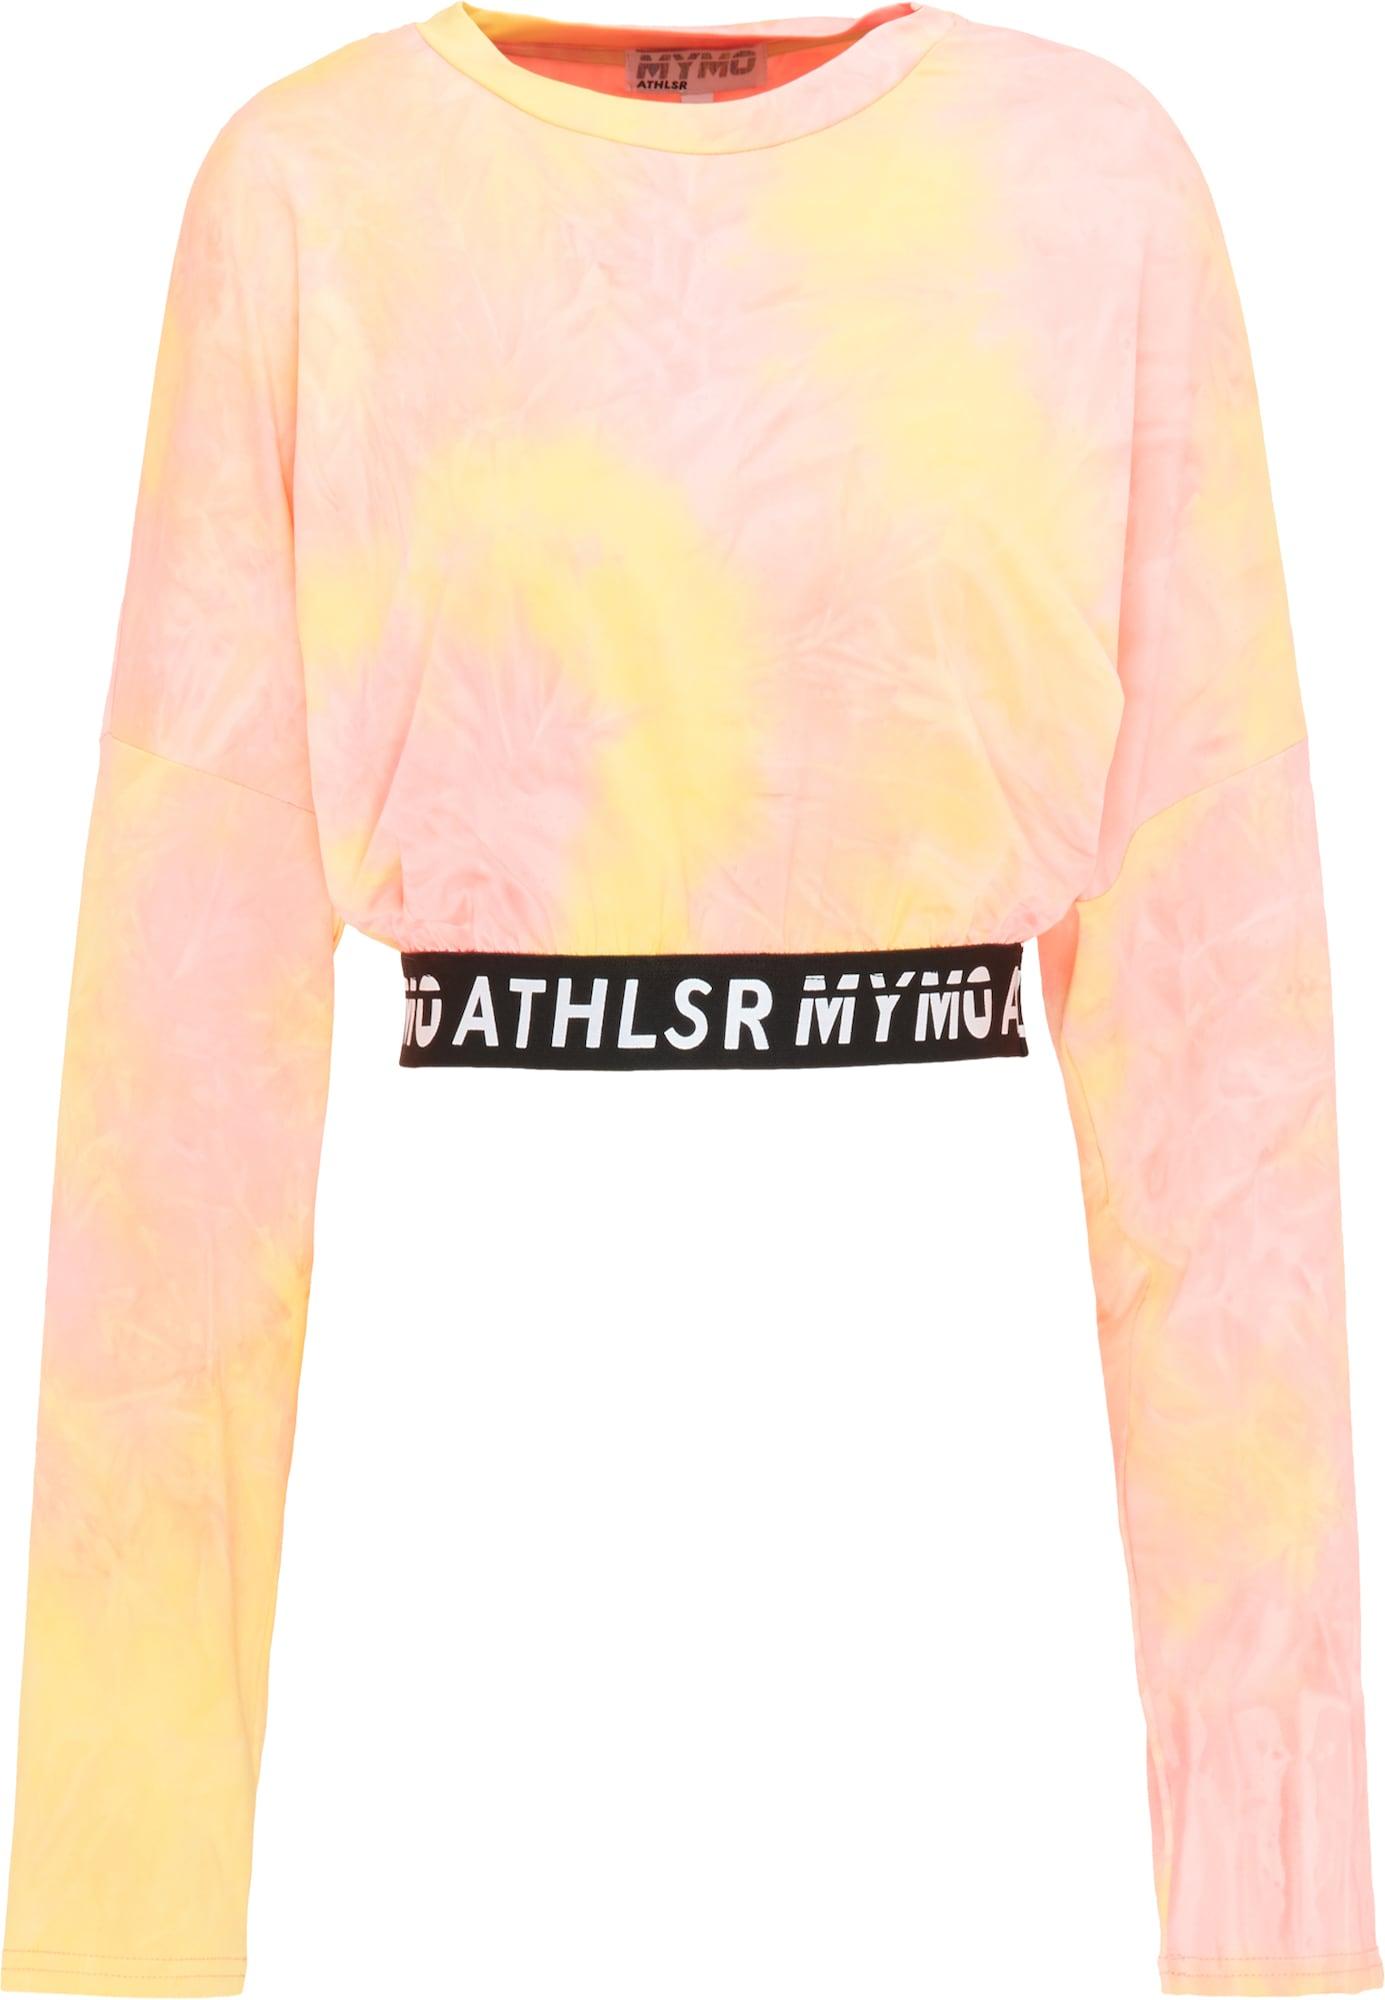 myMo ATHLSR Sportiniai marškinėliai balta / pastelinė oranžinė / pastelinė rožinė / pastelinė geltona / juoda